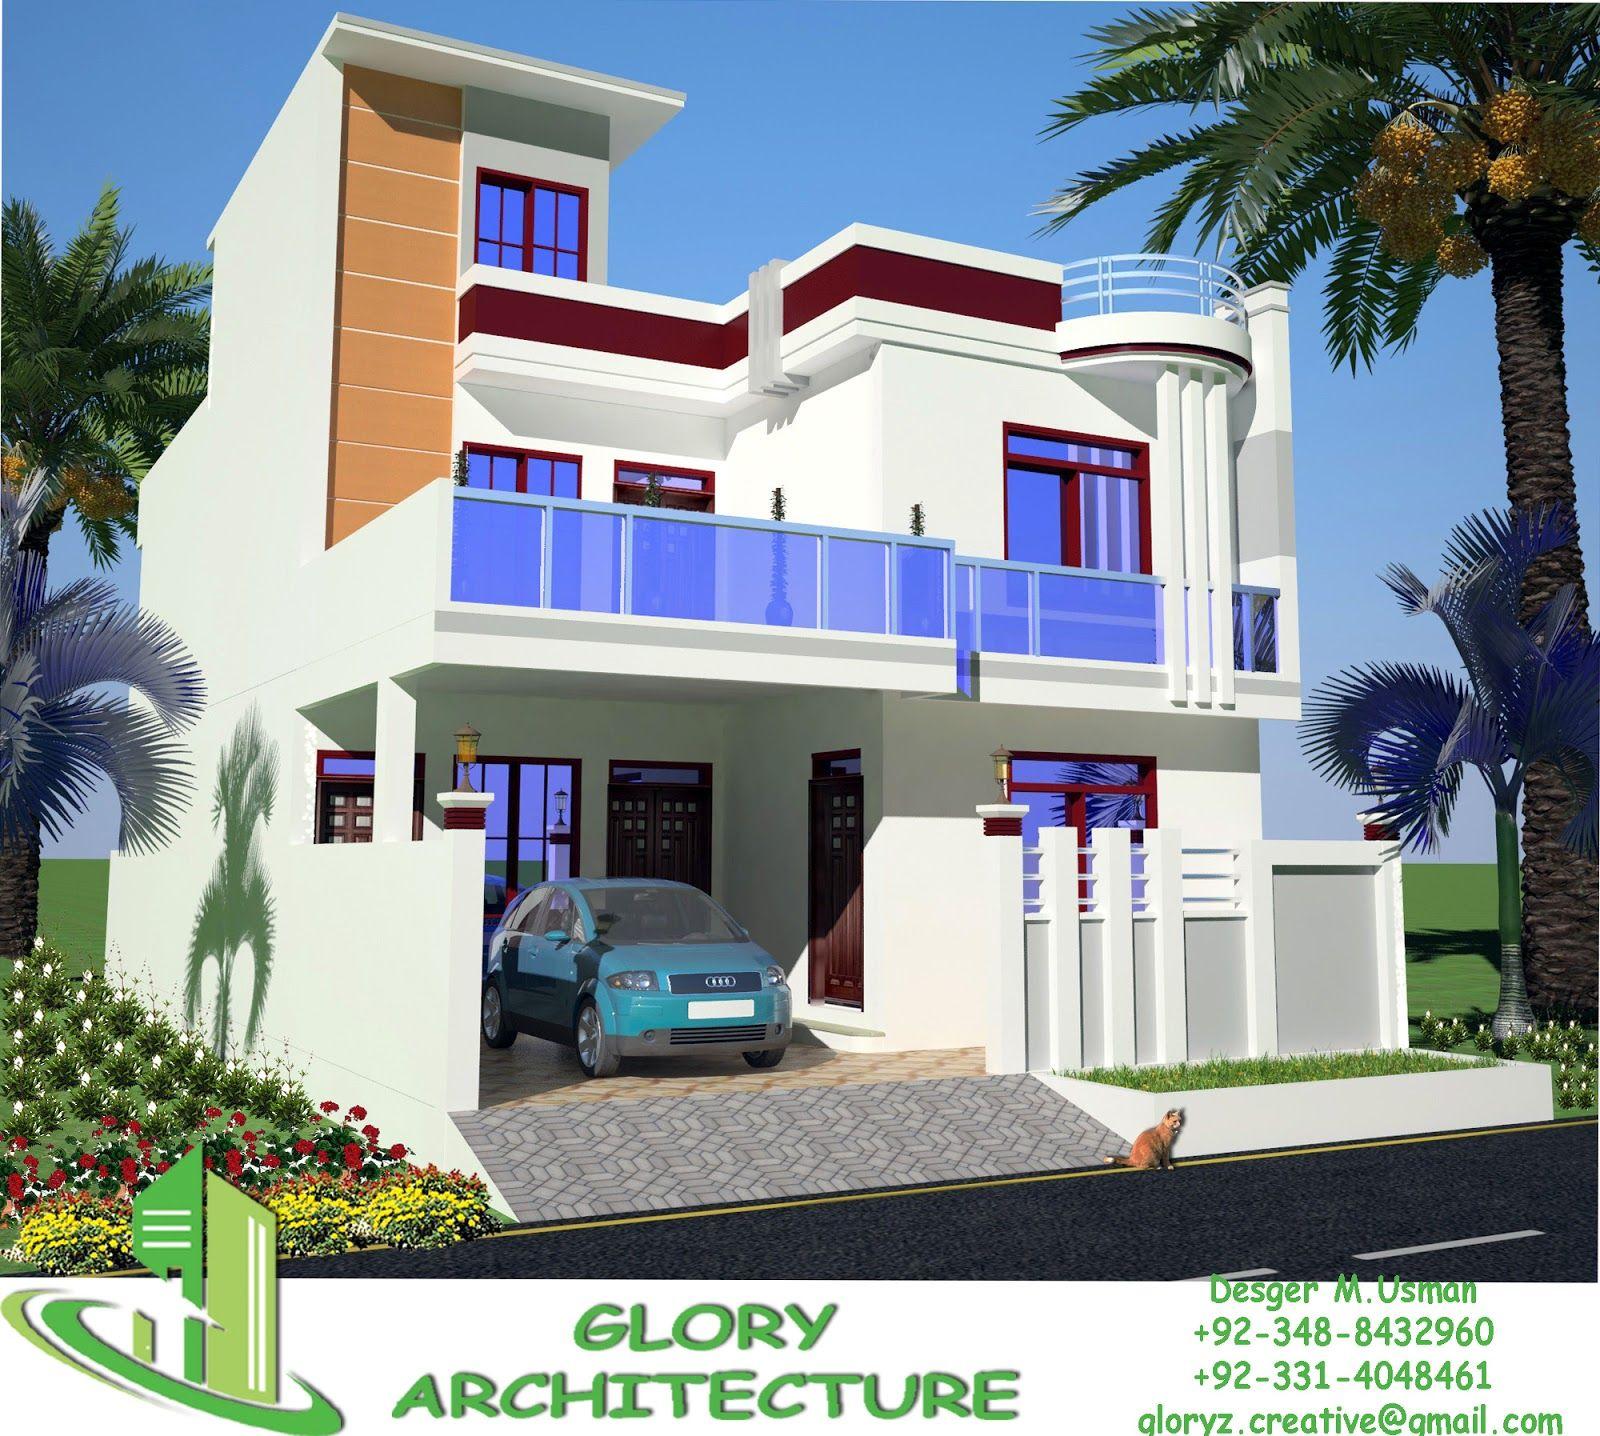 house elevation front elevation 3D elevation 3D view 3D house